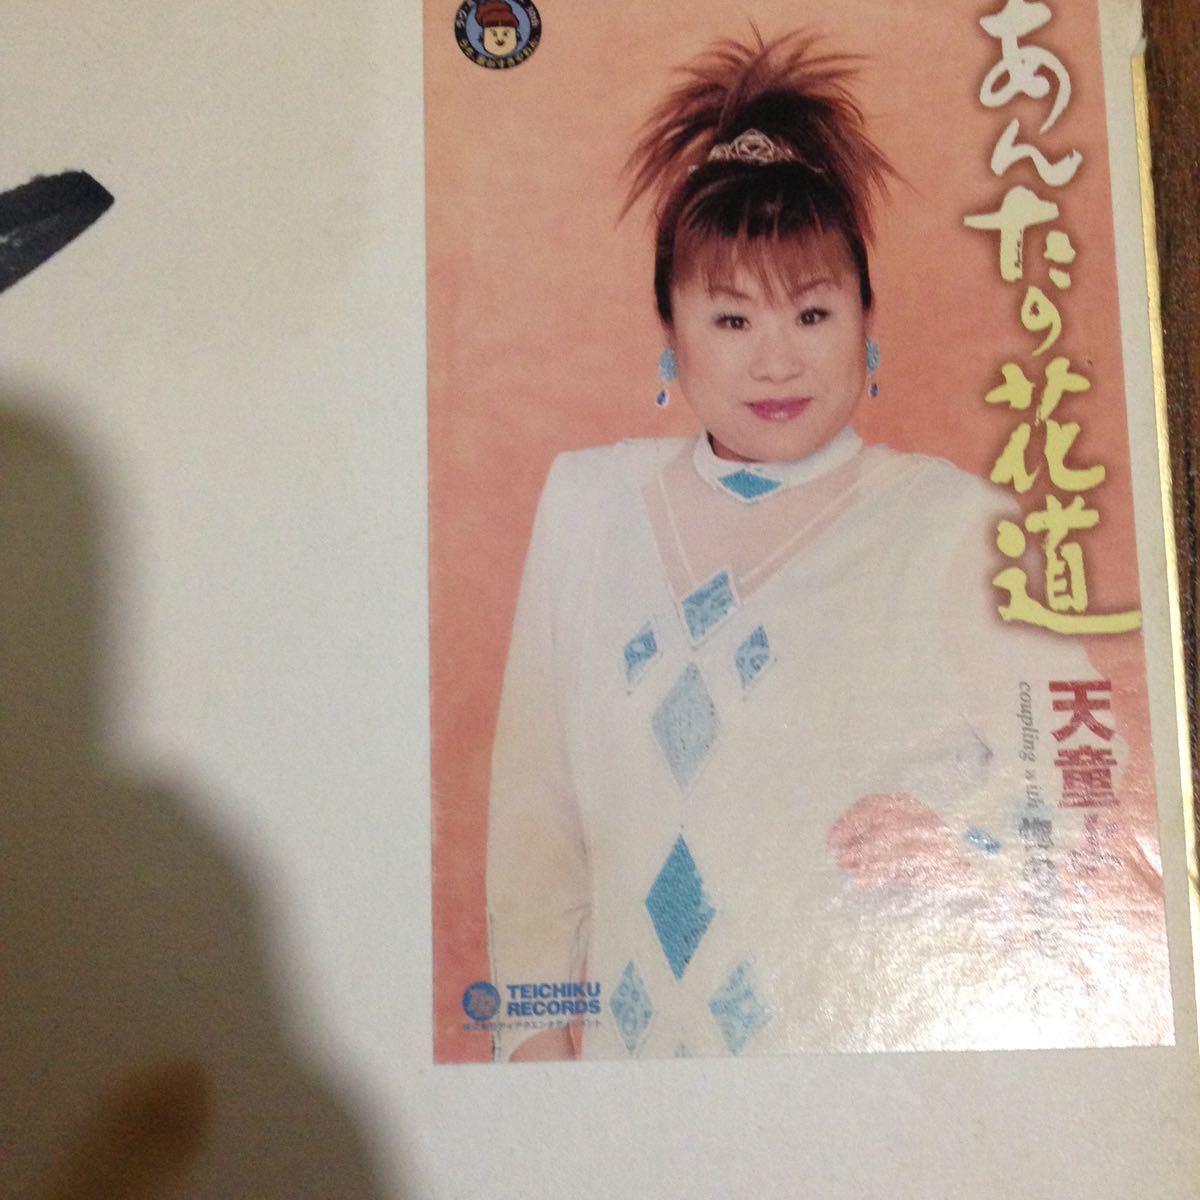 天童 よしみ モニタリング バックナンバー TBSテレビ:ニンゲン観察バラエティ『モニタリング』